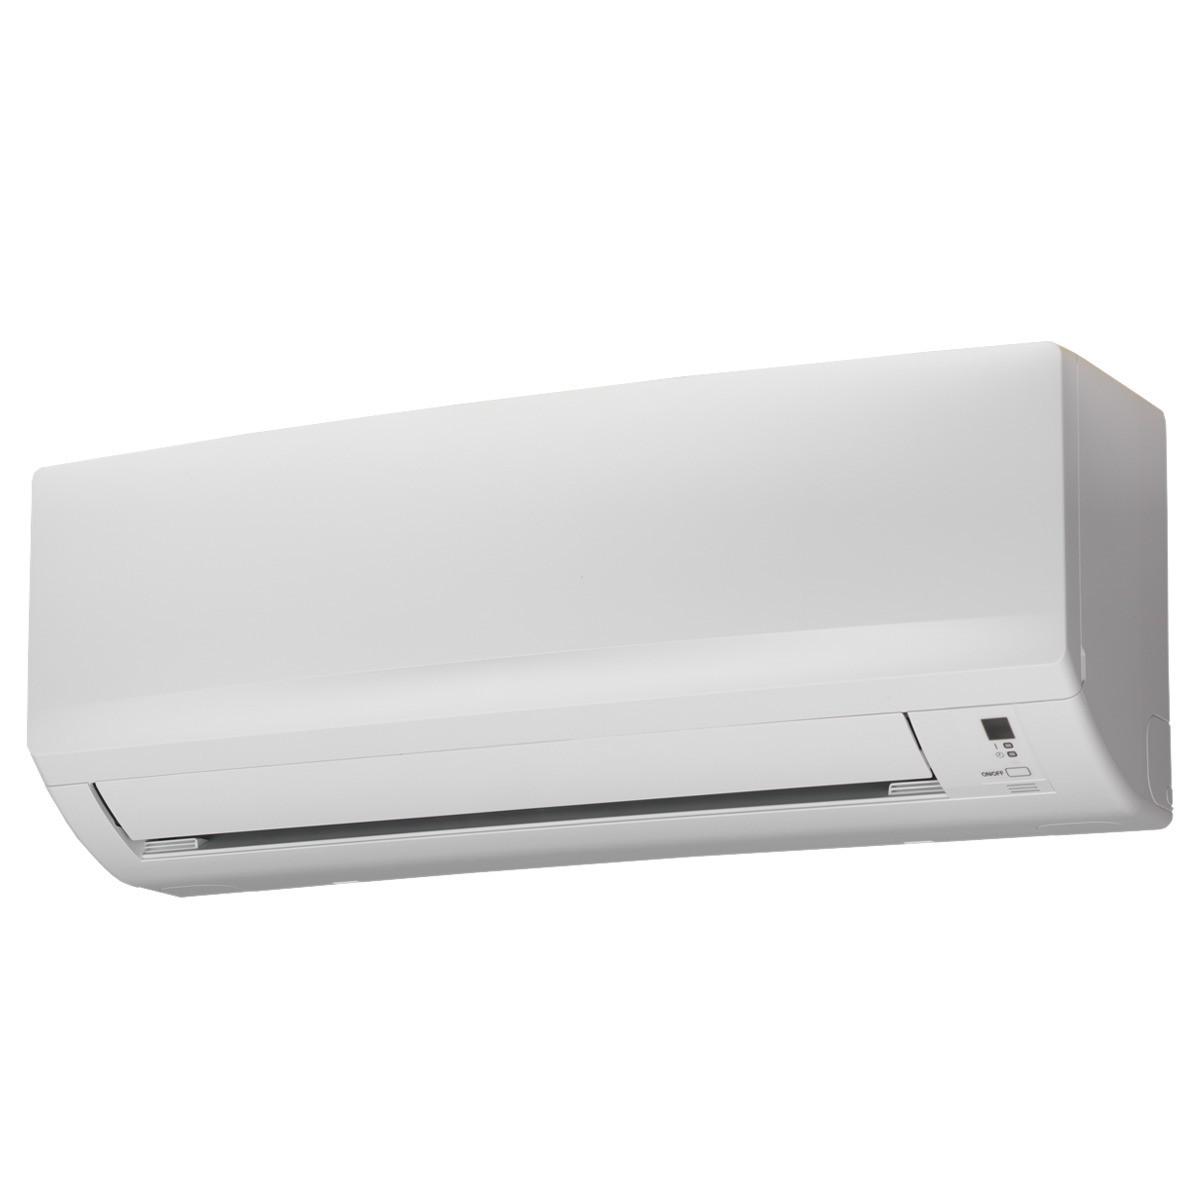 Reparaci n e instalaci n de aire acondicionado daikin for Reparacion aire acondicionado zaragoza